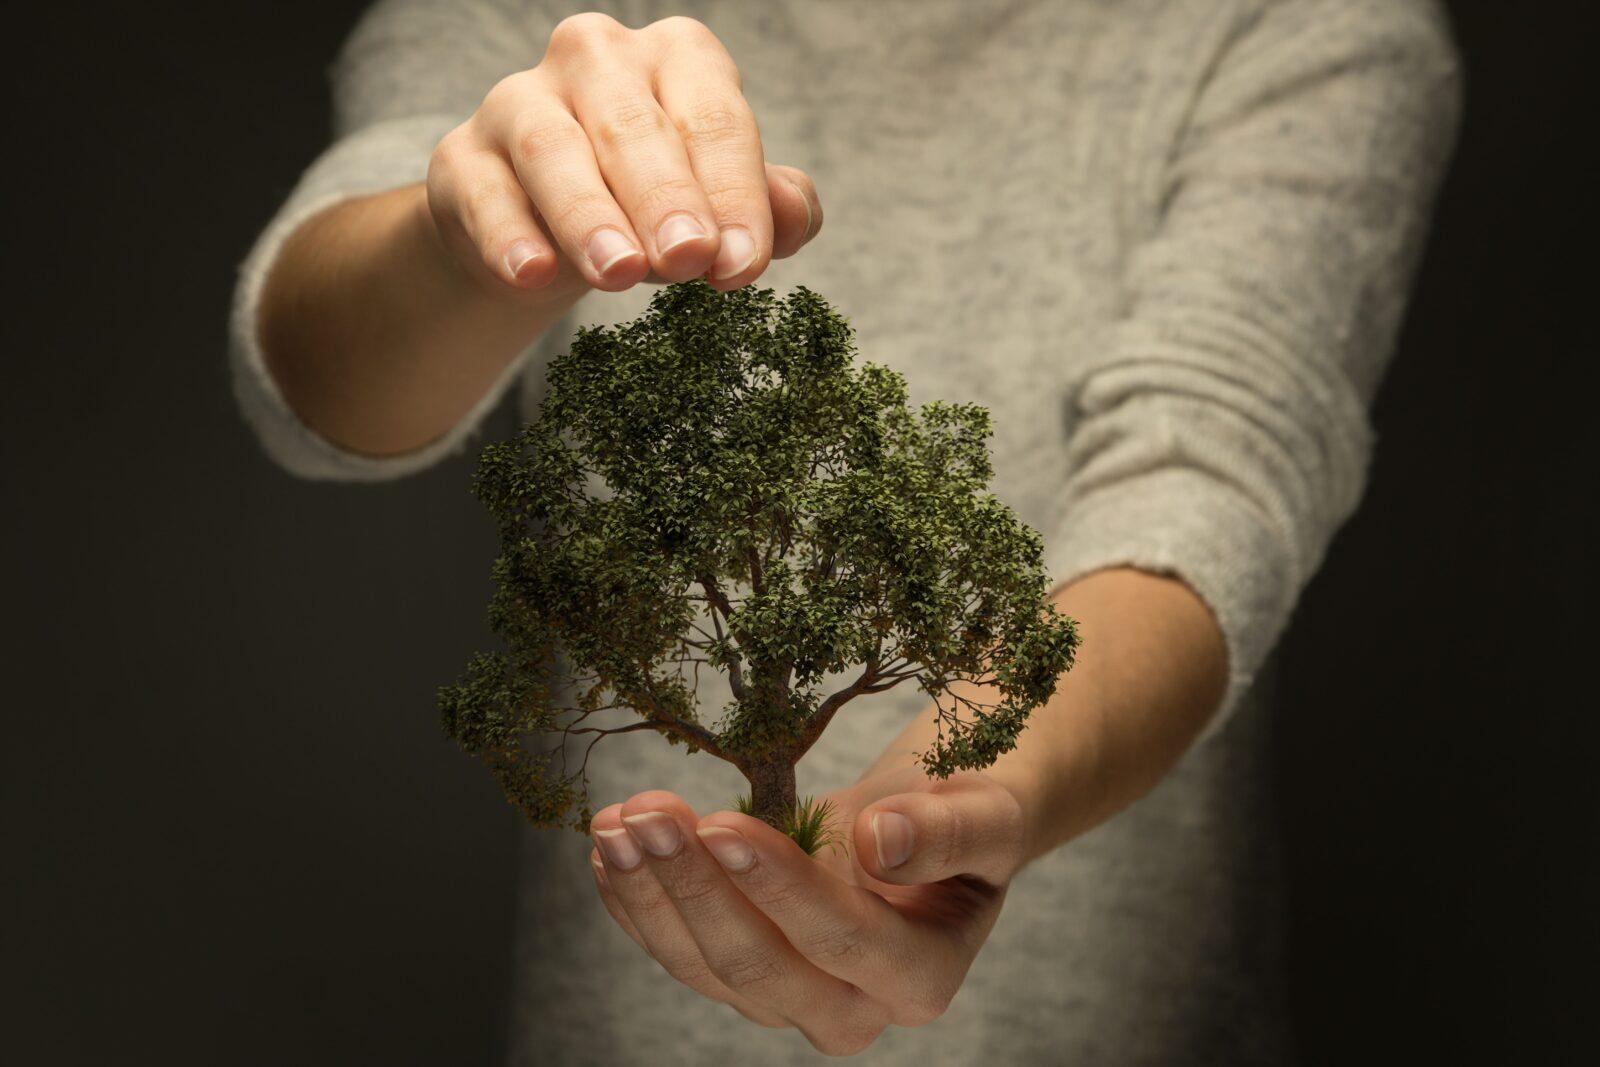 Umweltbewusst & erfolgreich: 3 Tipps für nachhaltige Produktentwicklung